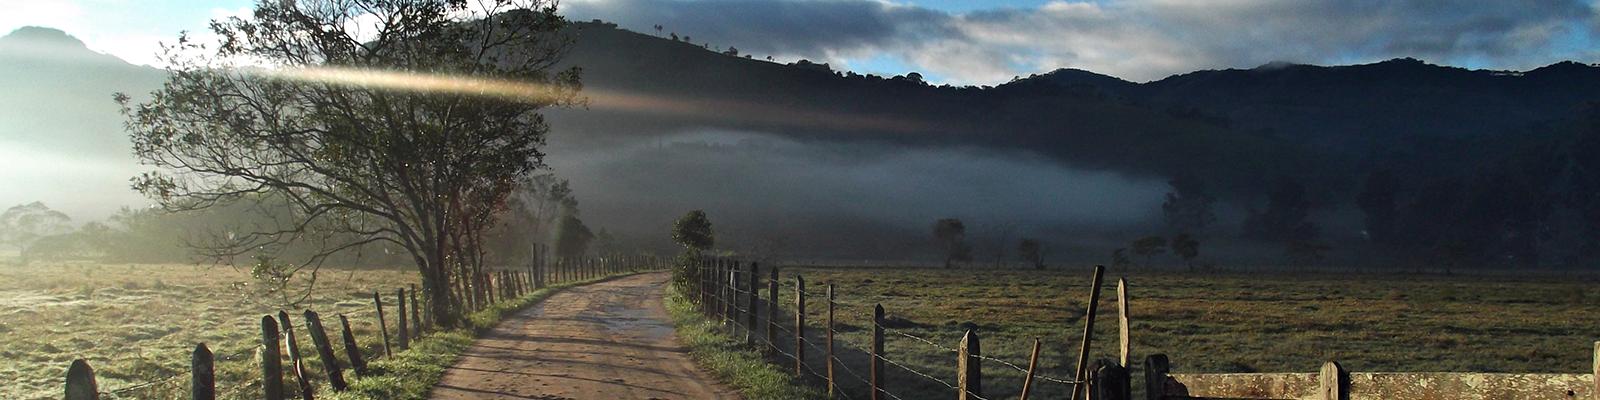 Foto do 1º Concurso de Fotografia- PPGADR - Seu Olhar Sobre o Ambiente. Caminho da roça. Ednilson M. de Lima e Silva.  Estrada de terra batida ao lado cercas em madeira e arame, uma porteira do lado direito e algumas árvores do lado esquerdo, ao fundo névoa e um morro.